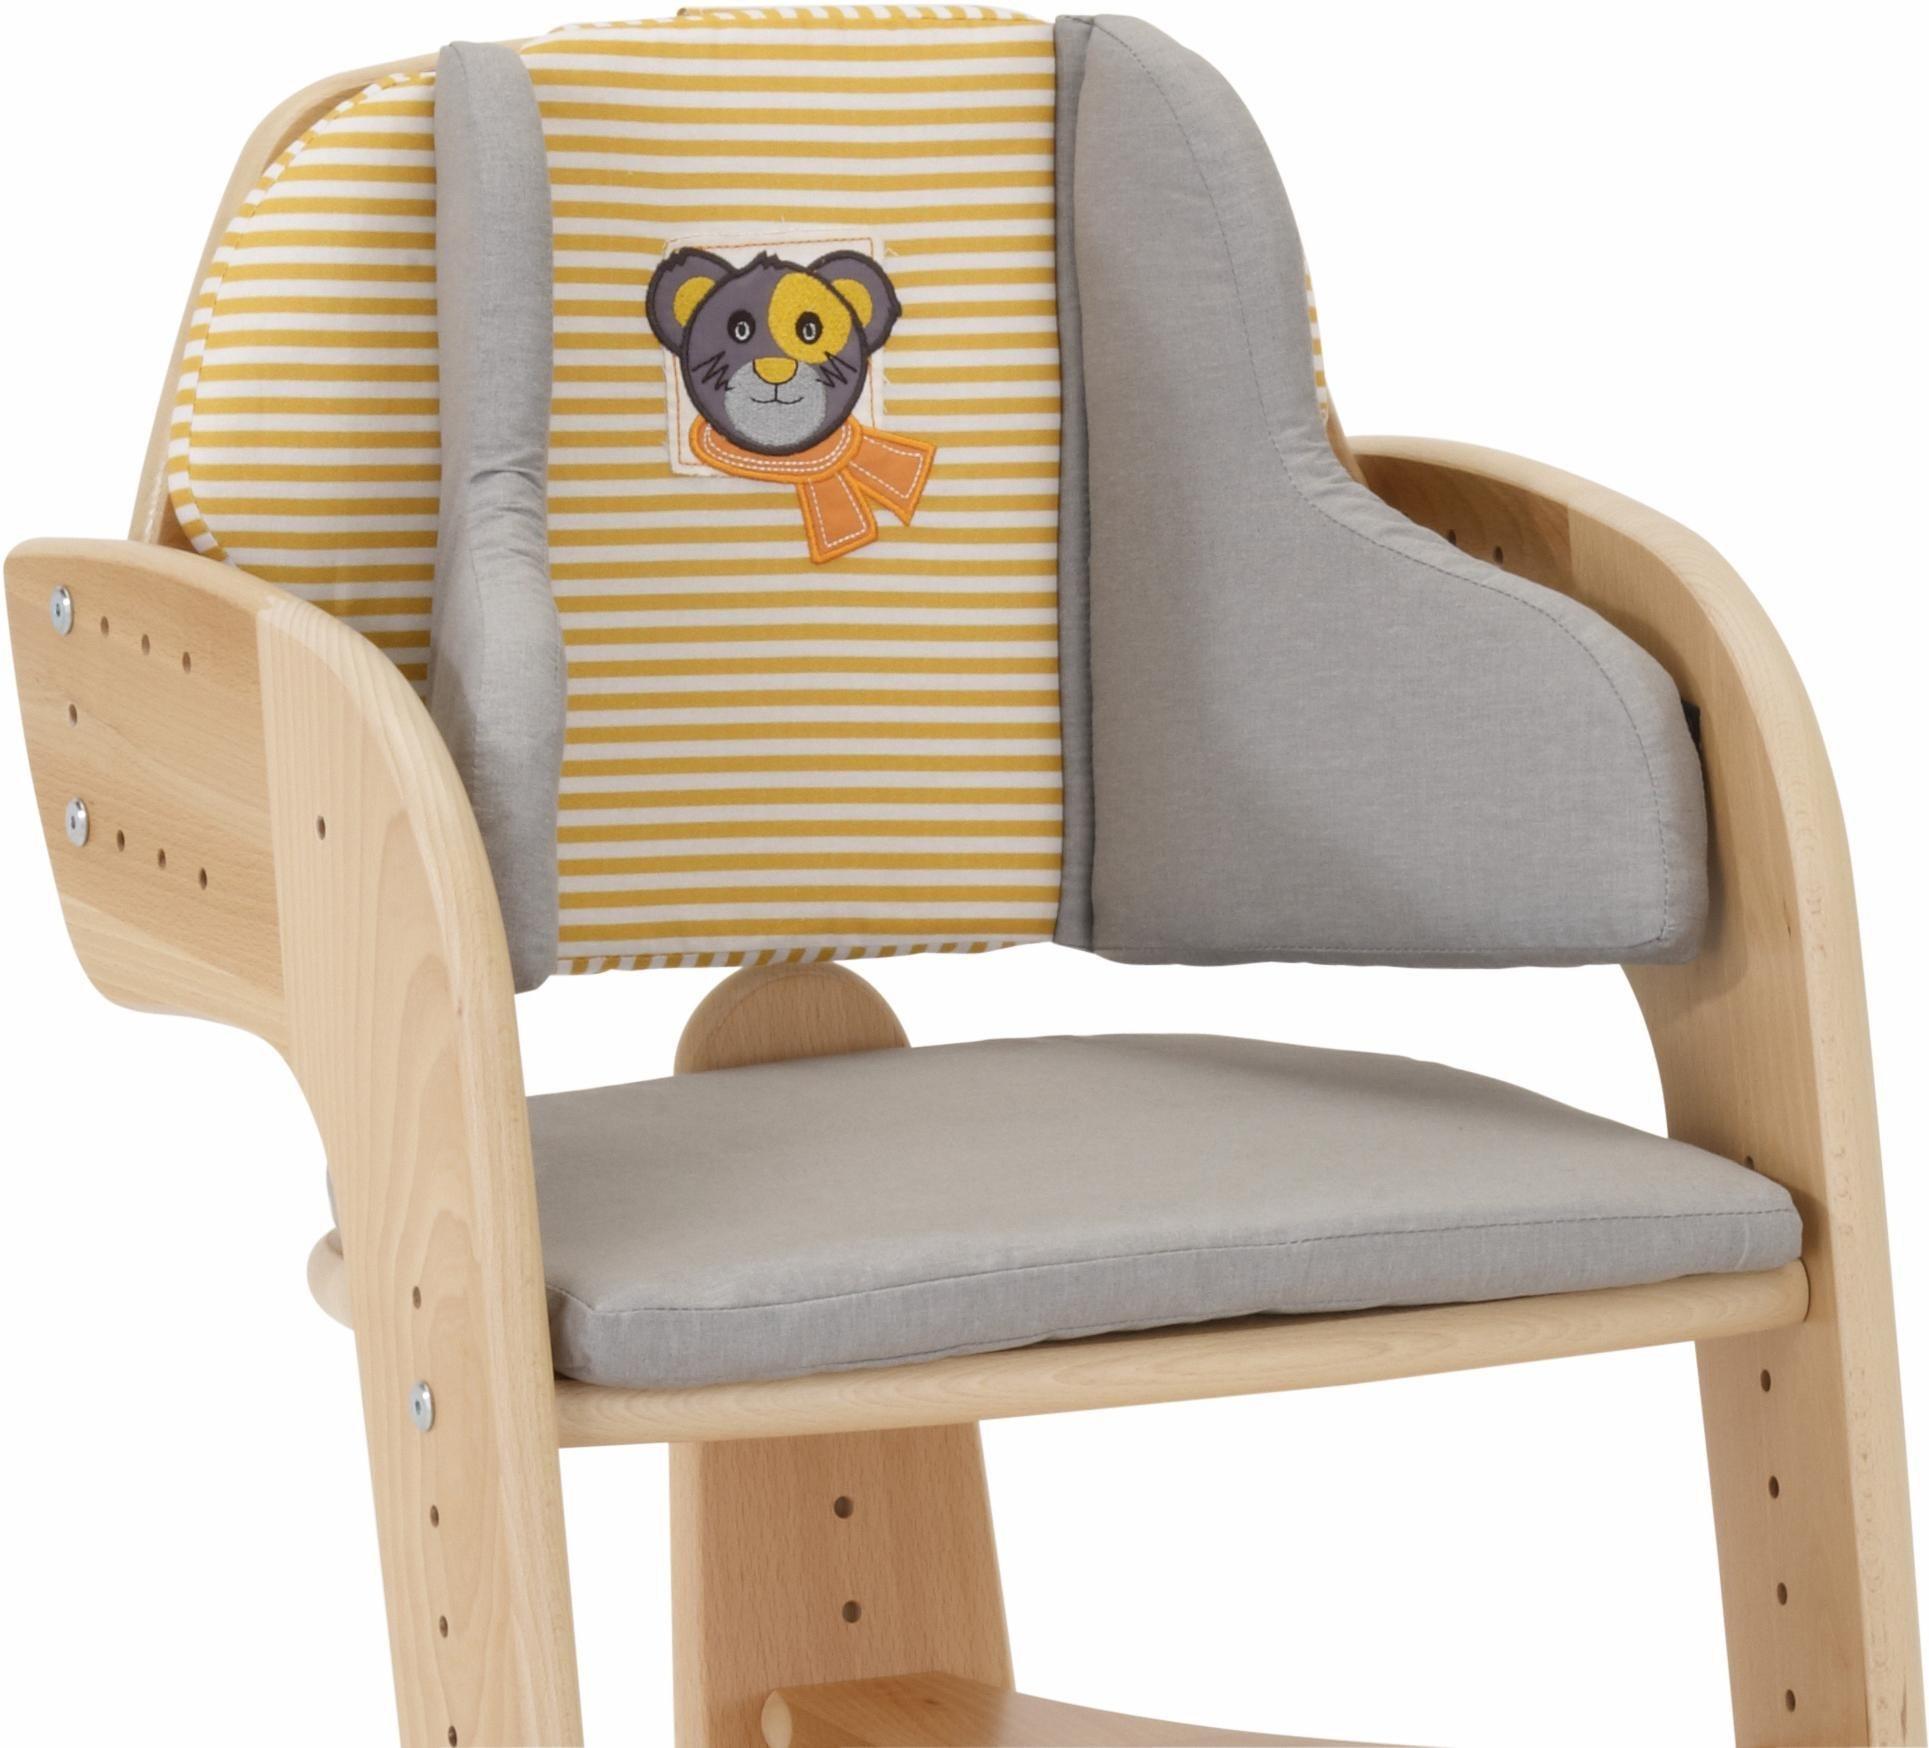 Herlag® Sitzpolster für Hochstuhl Tipp Topp Comfort IV, »grau«   Kinderzimmer > Kinderzimmerstühle > Hochstühle   Herlag